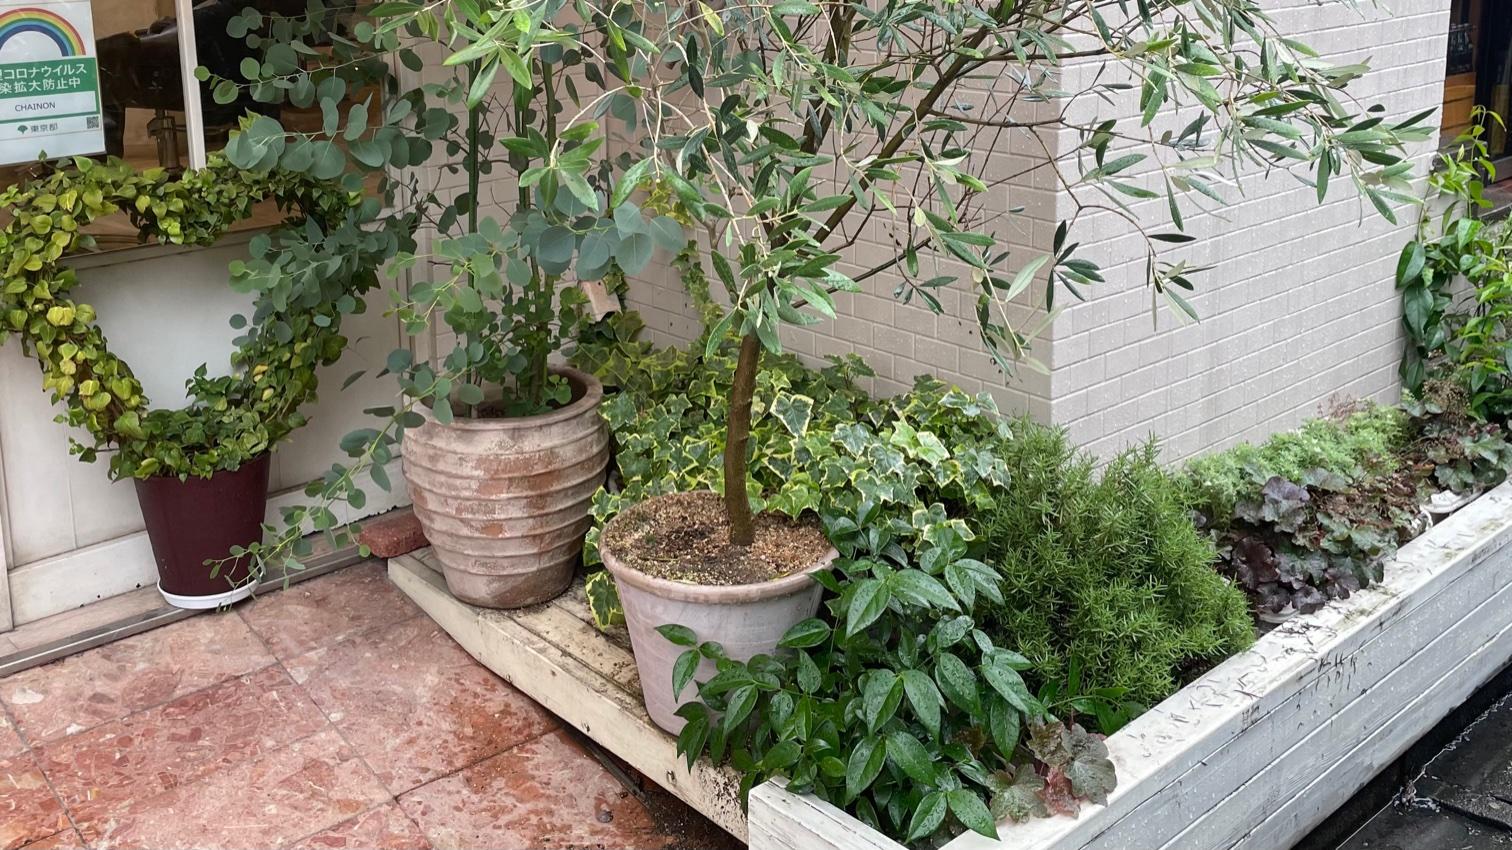 軒先の花壇を入れ替えしました!ひまわりも咲いてくれてます🌻